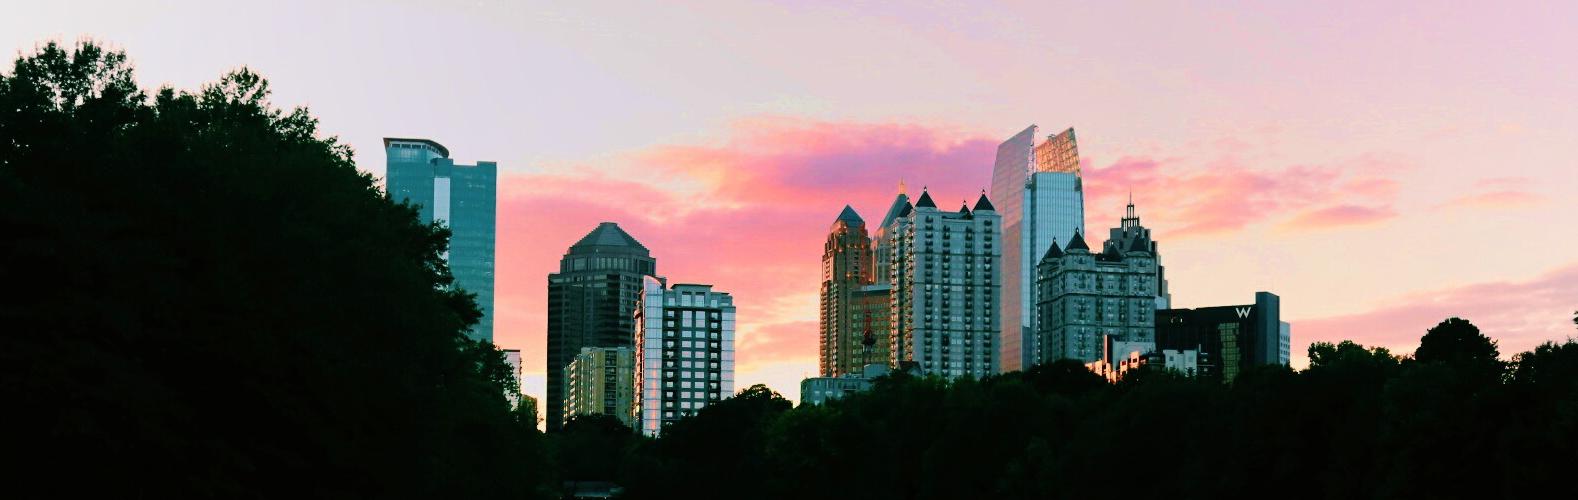 Atlanta Skyline Park View Cropped